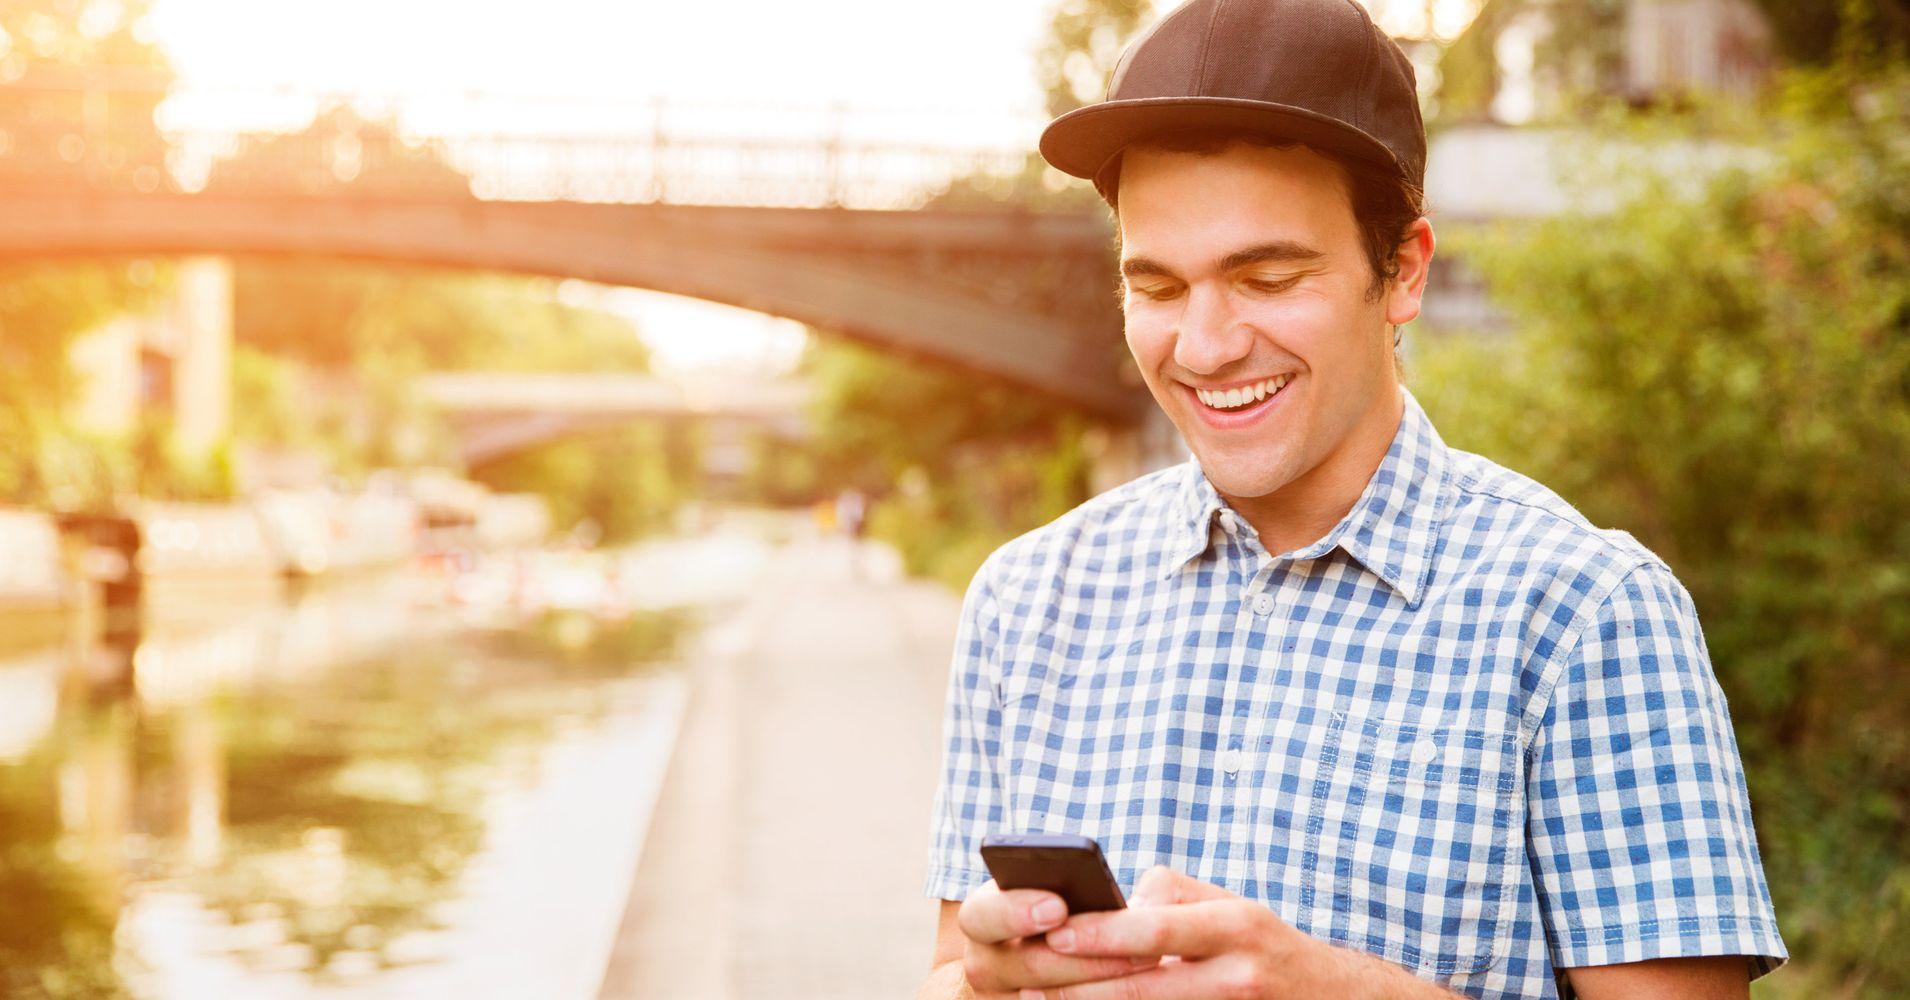 Nehmen Sie es langsam Online-Dating